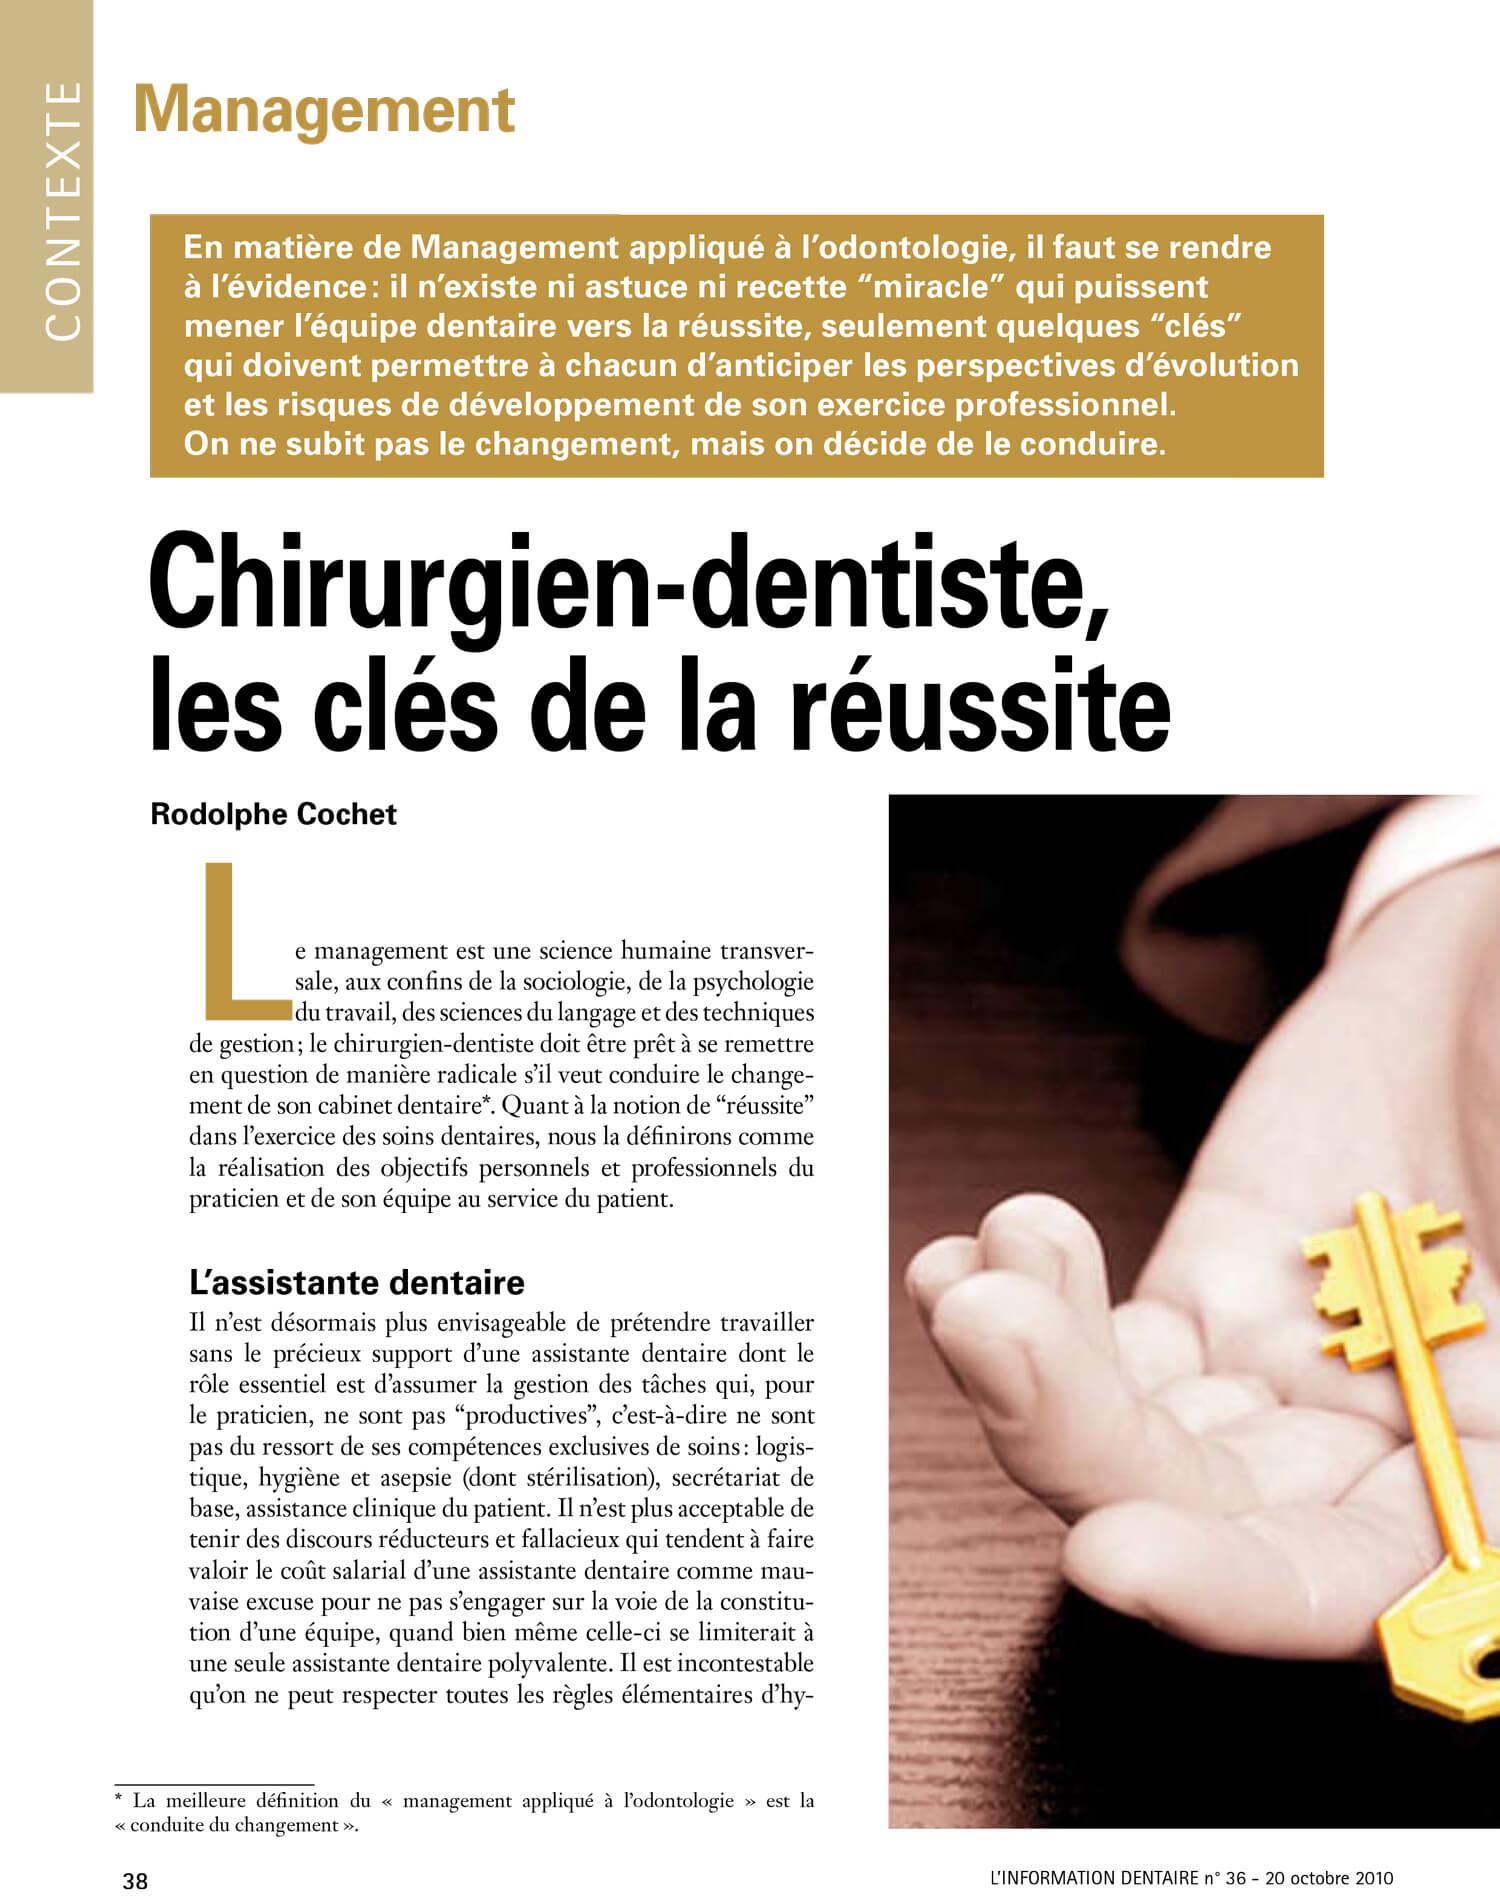 chirurgien-dentiste-cabinet-dentaire-cles-reussite-Rodolphe-Cochet.jpg